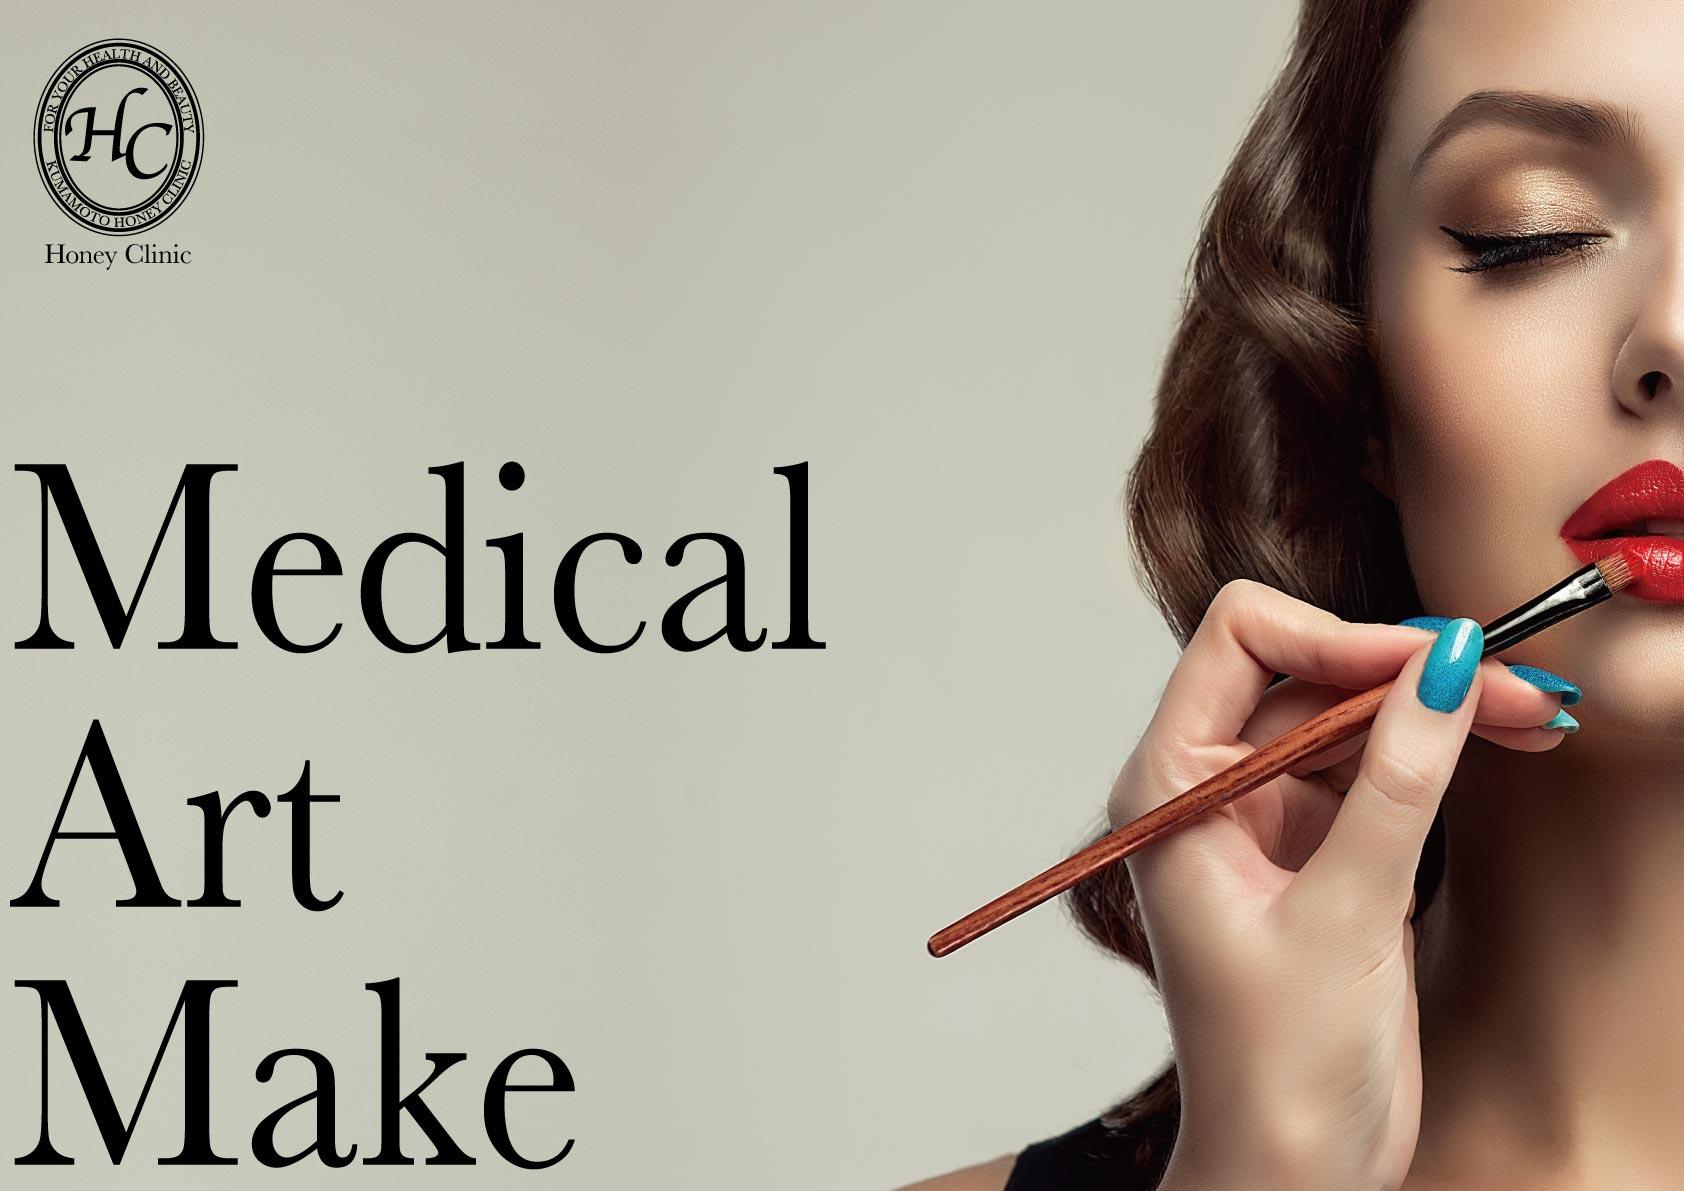 『医療アートメイク』の詳細はこちらから<br />